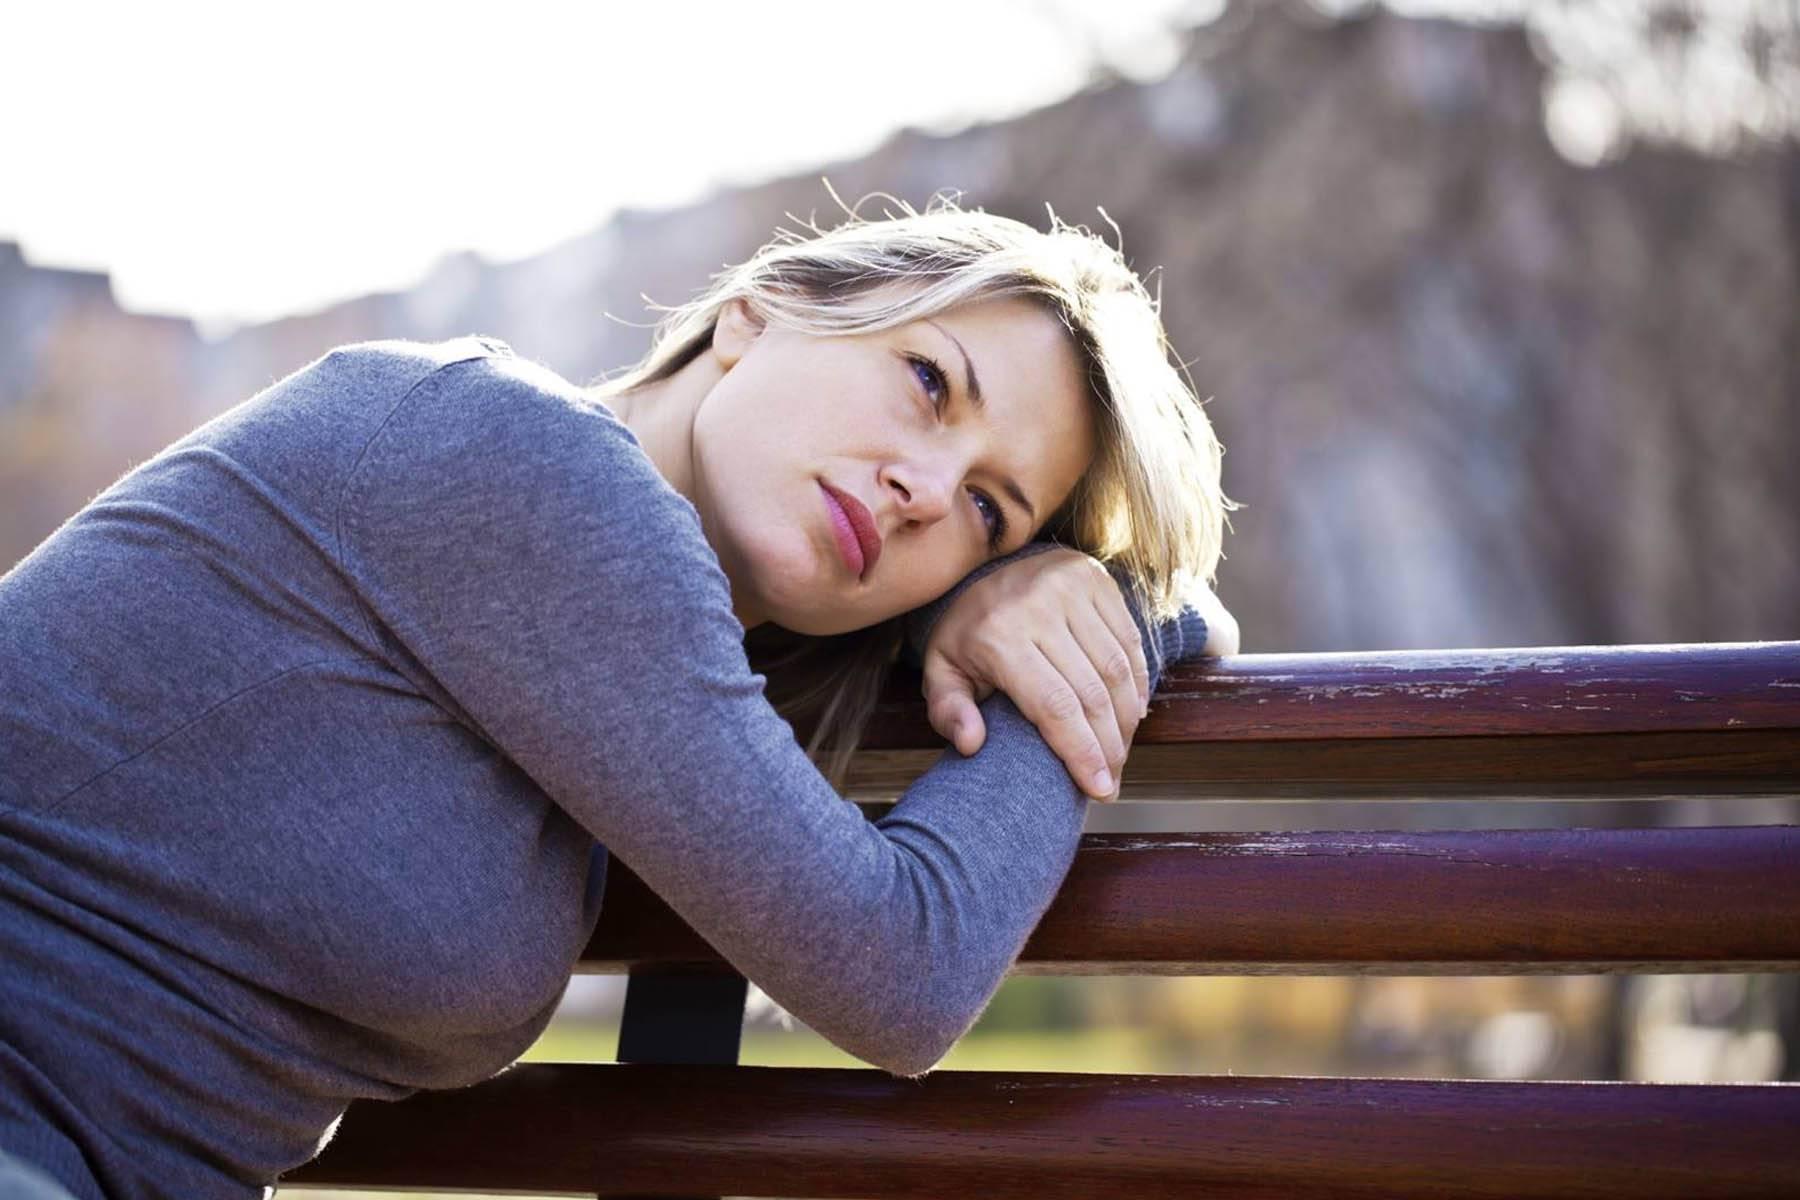 Как справиться с депрессией и стрессом самостоятельно. мой метод — укрепление иммунитета